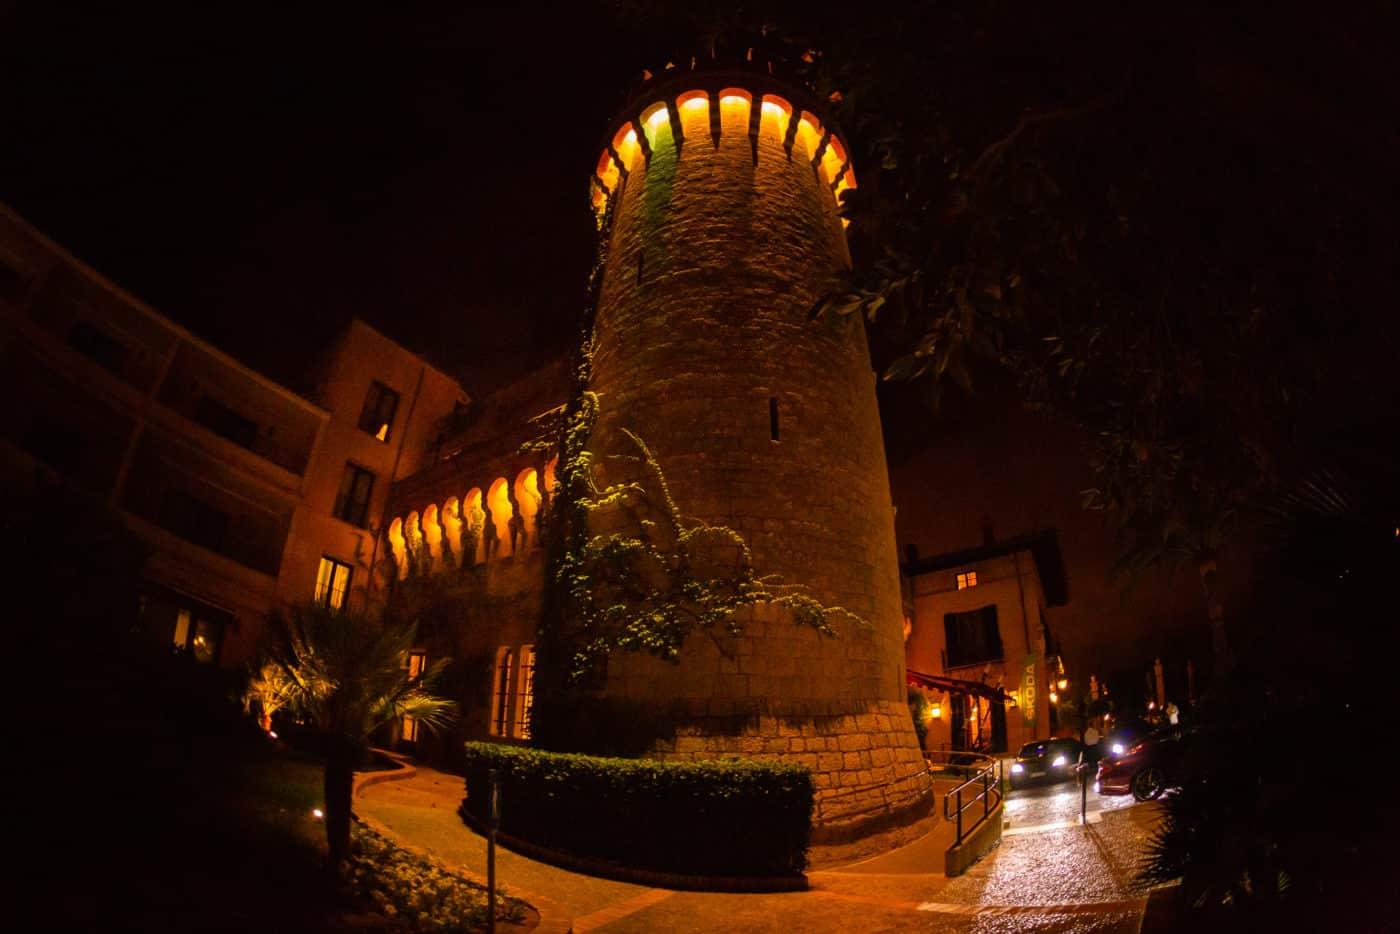 Hotel Castillo Son Vida by night.